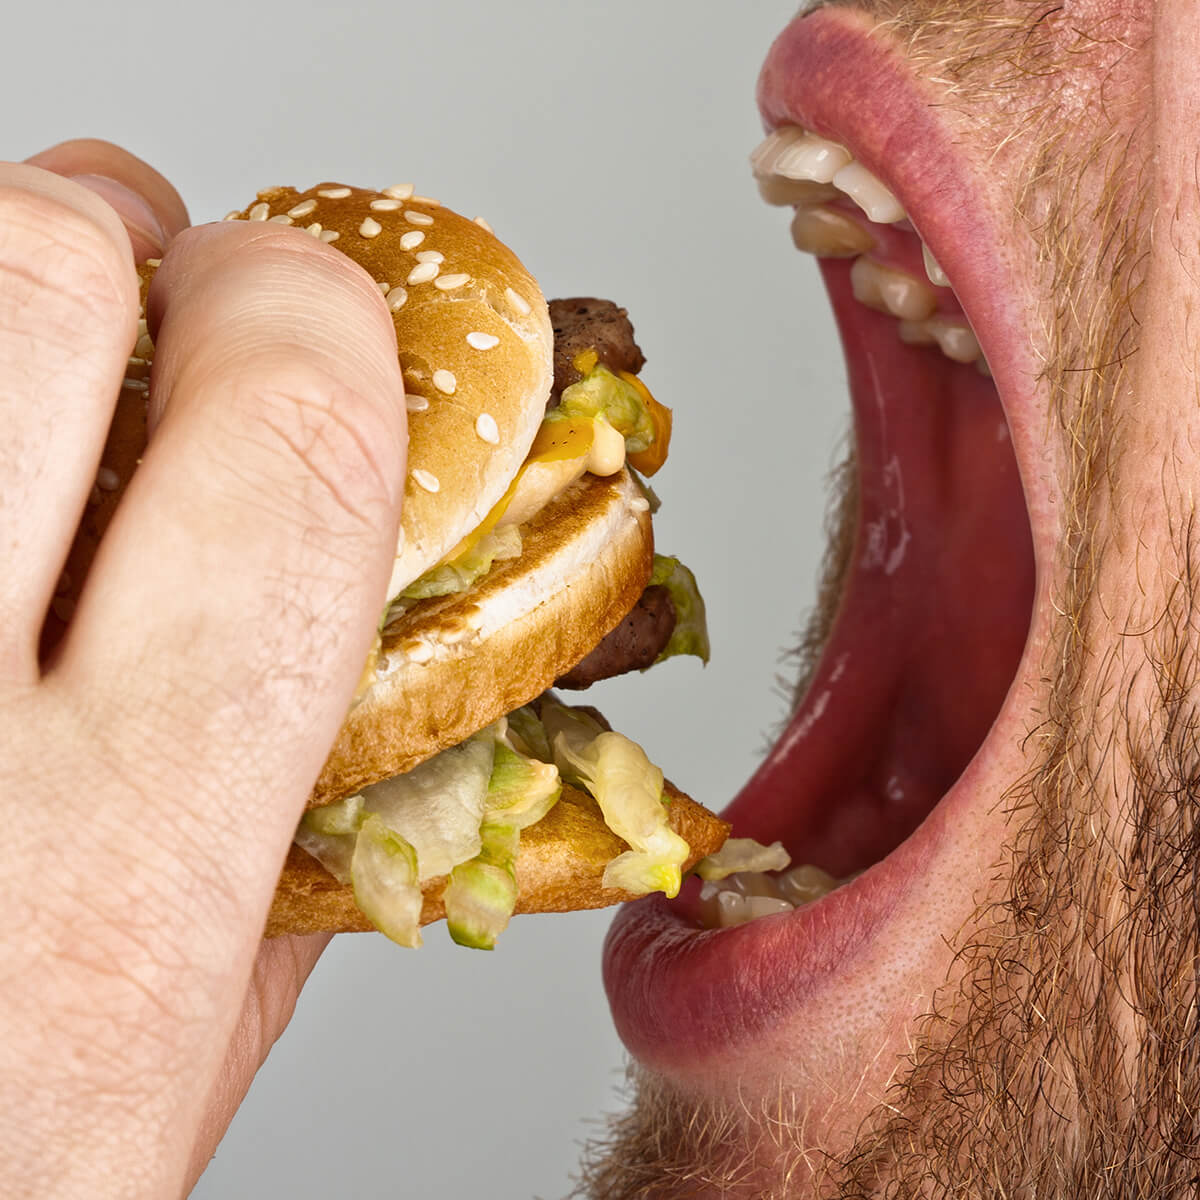 Ricerca, propensione a mentire dipende anche da quanto mangiamo?